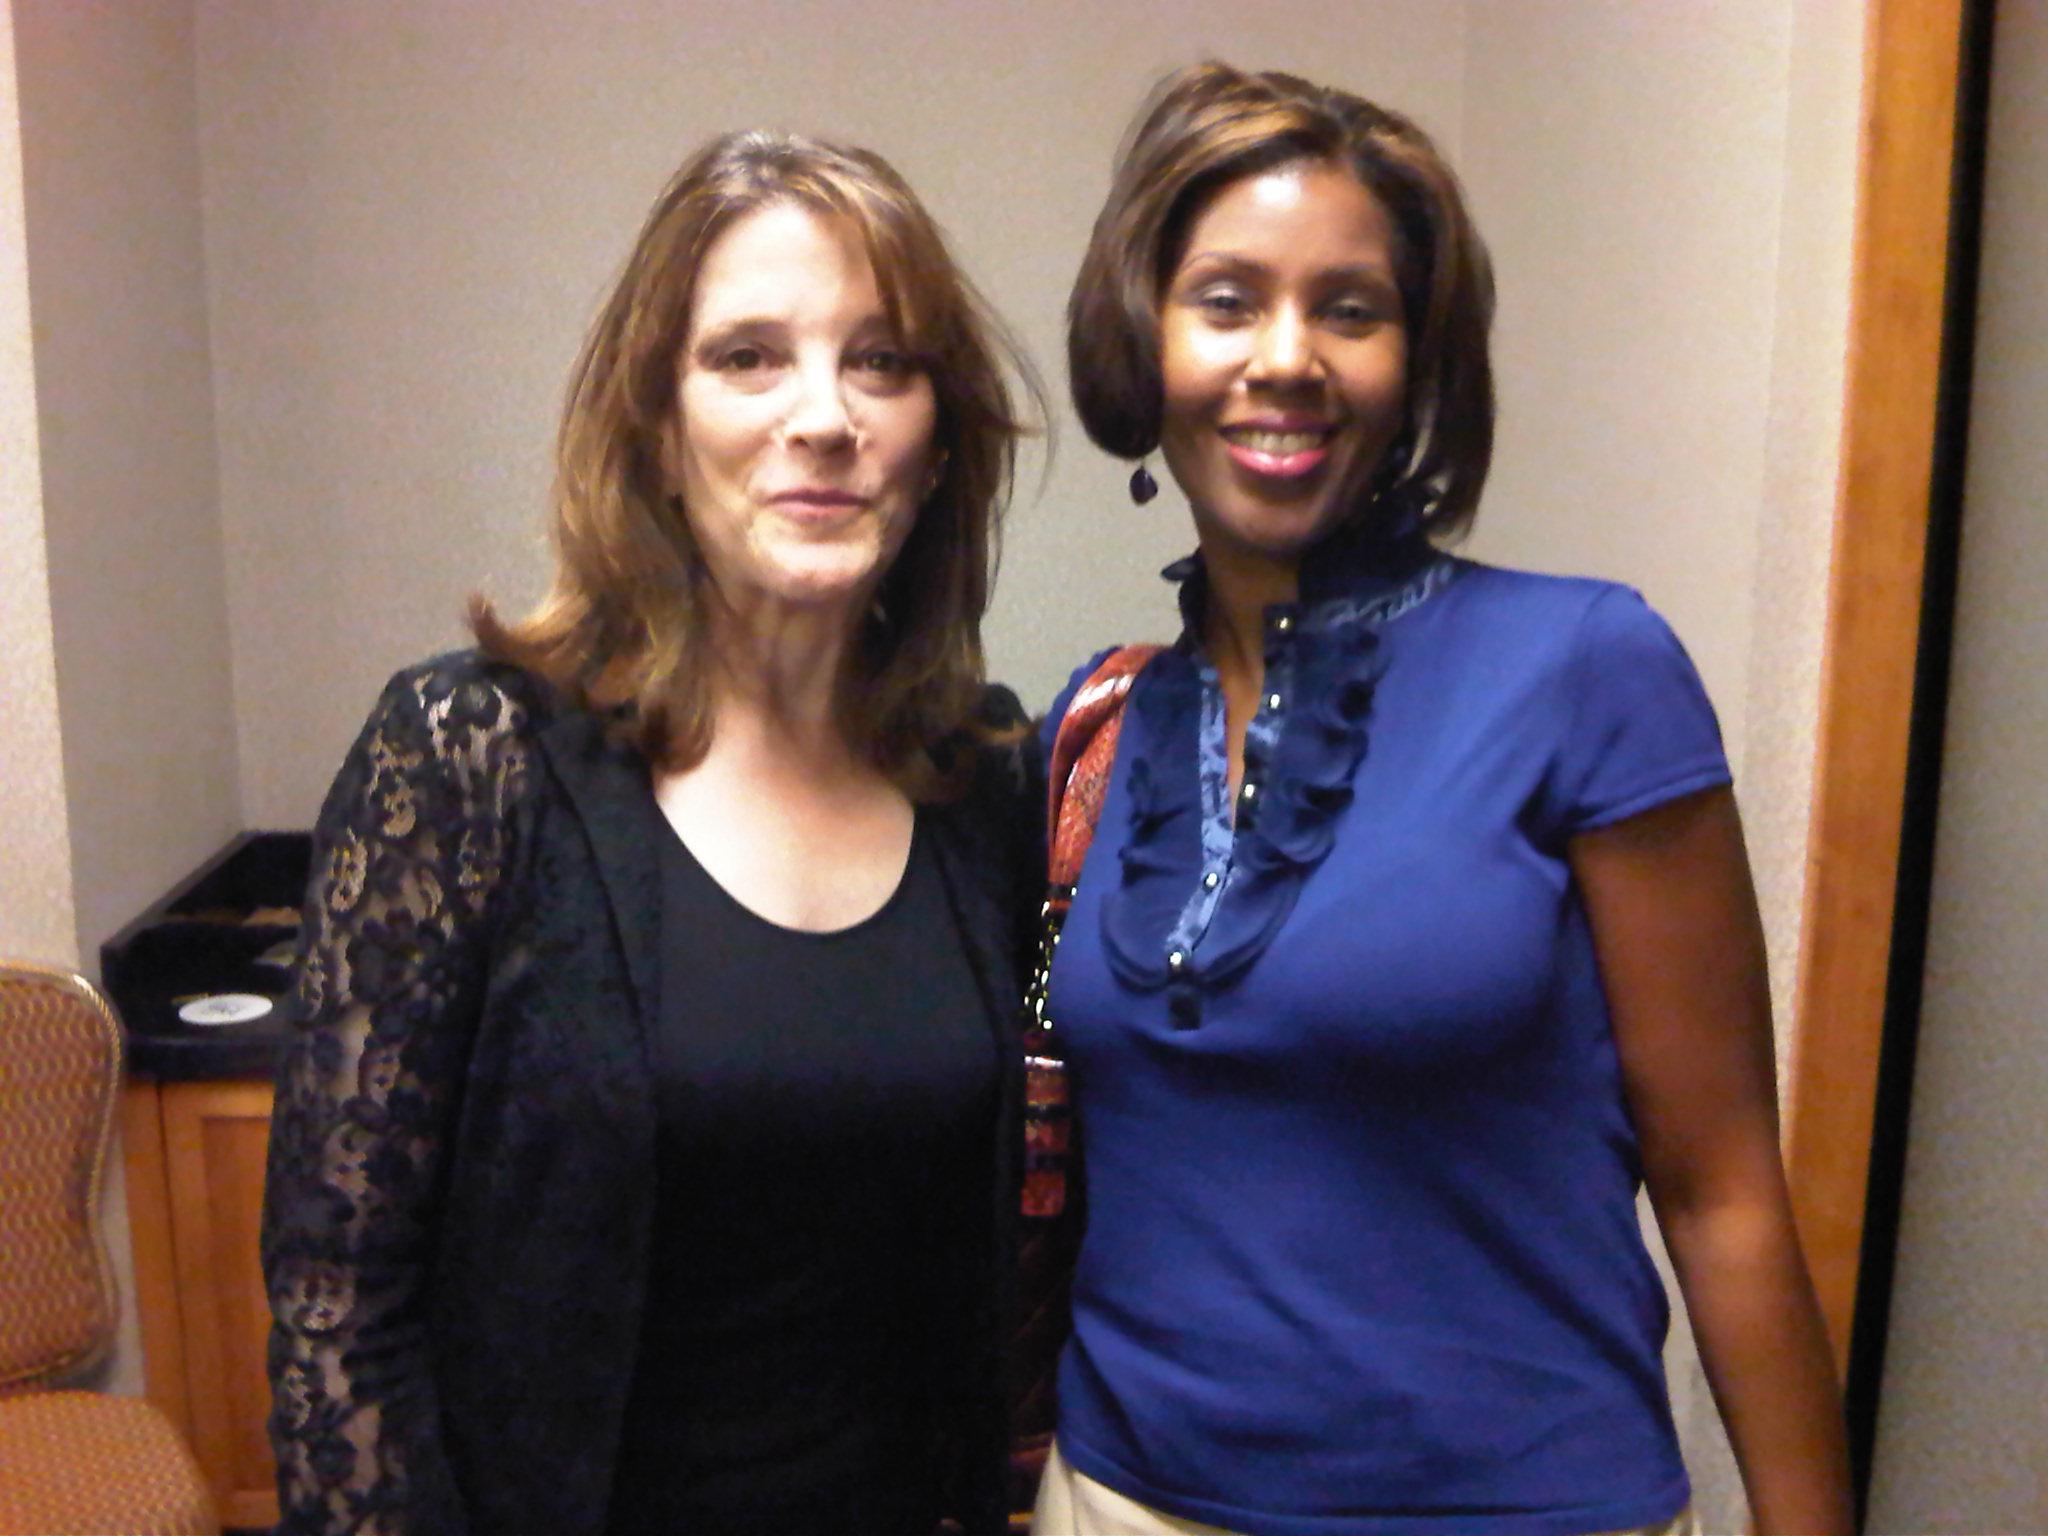 Thrilled to meet Marianne Williamson